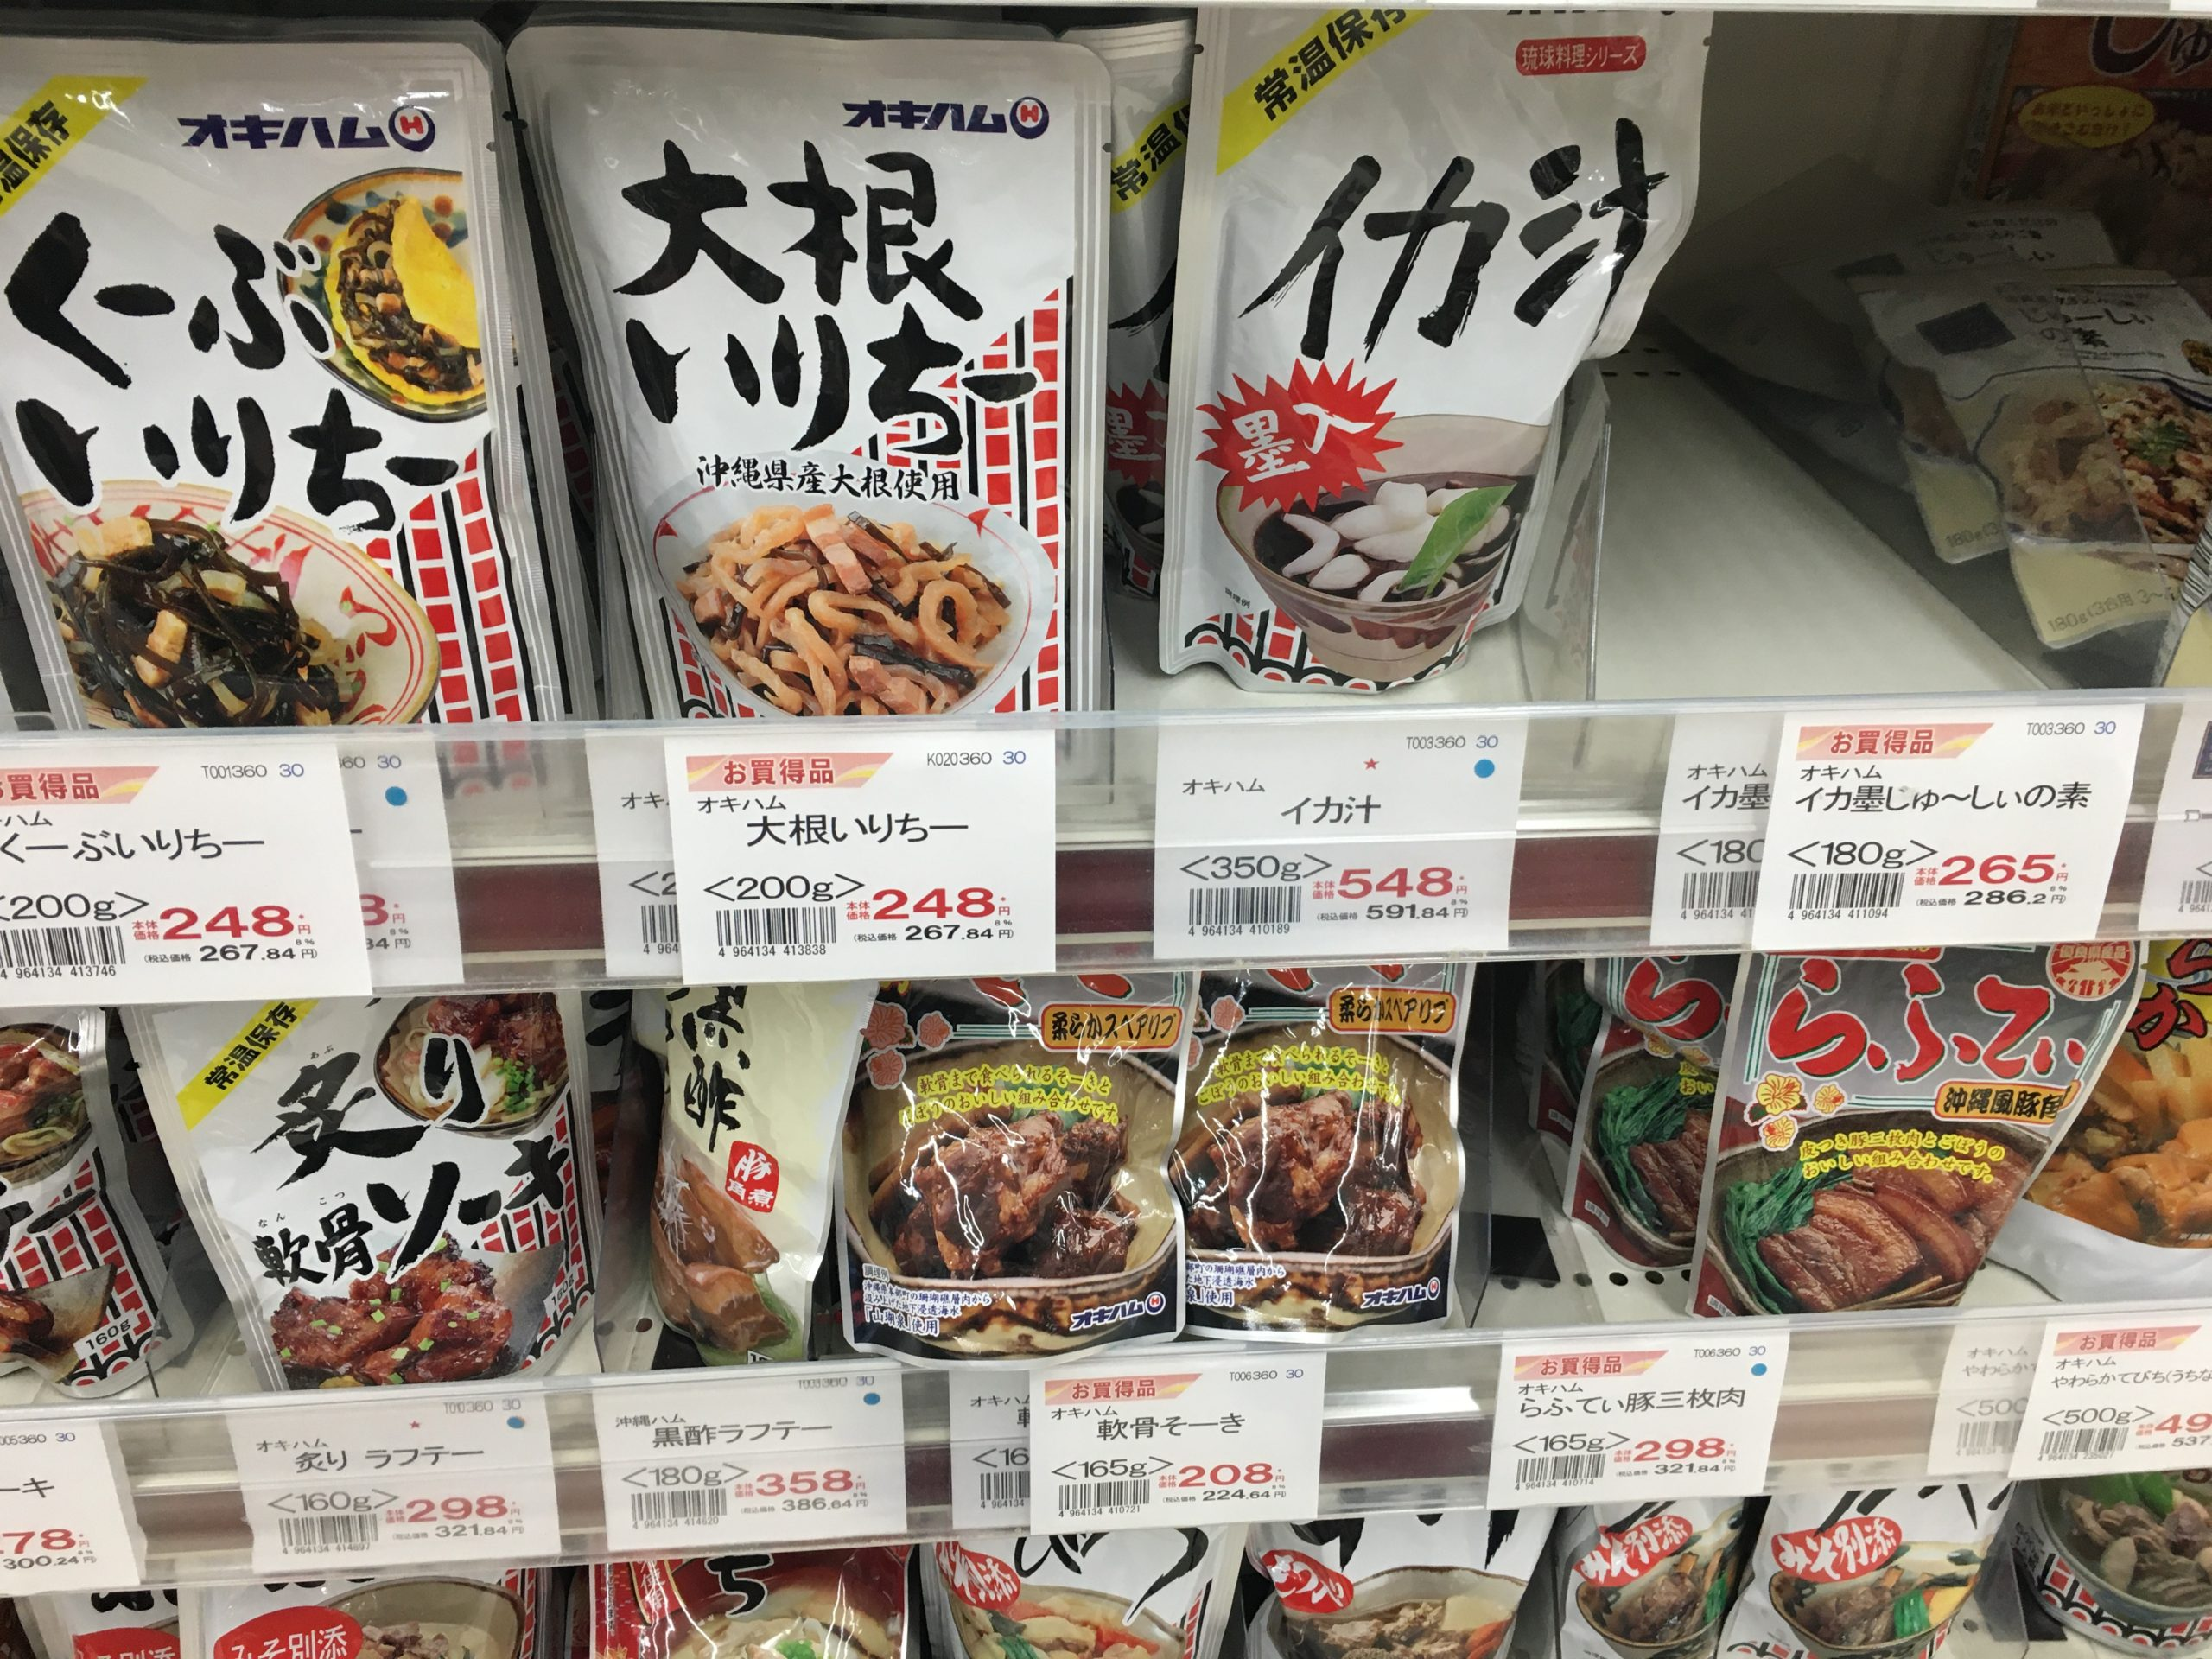 沖縄の郷土料理のレトルト